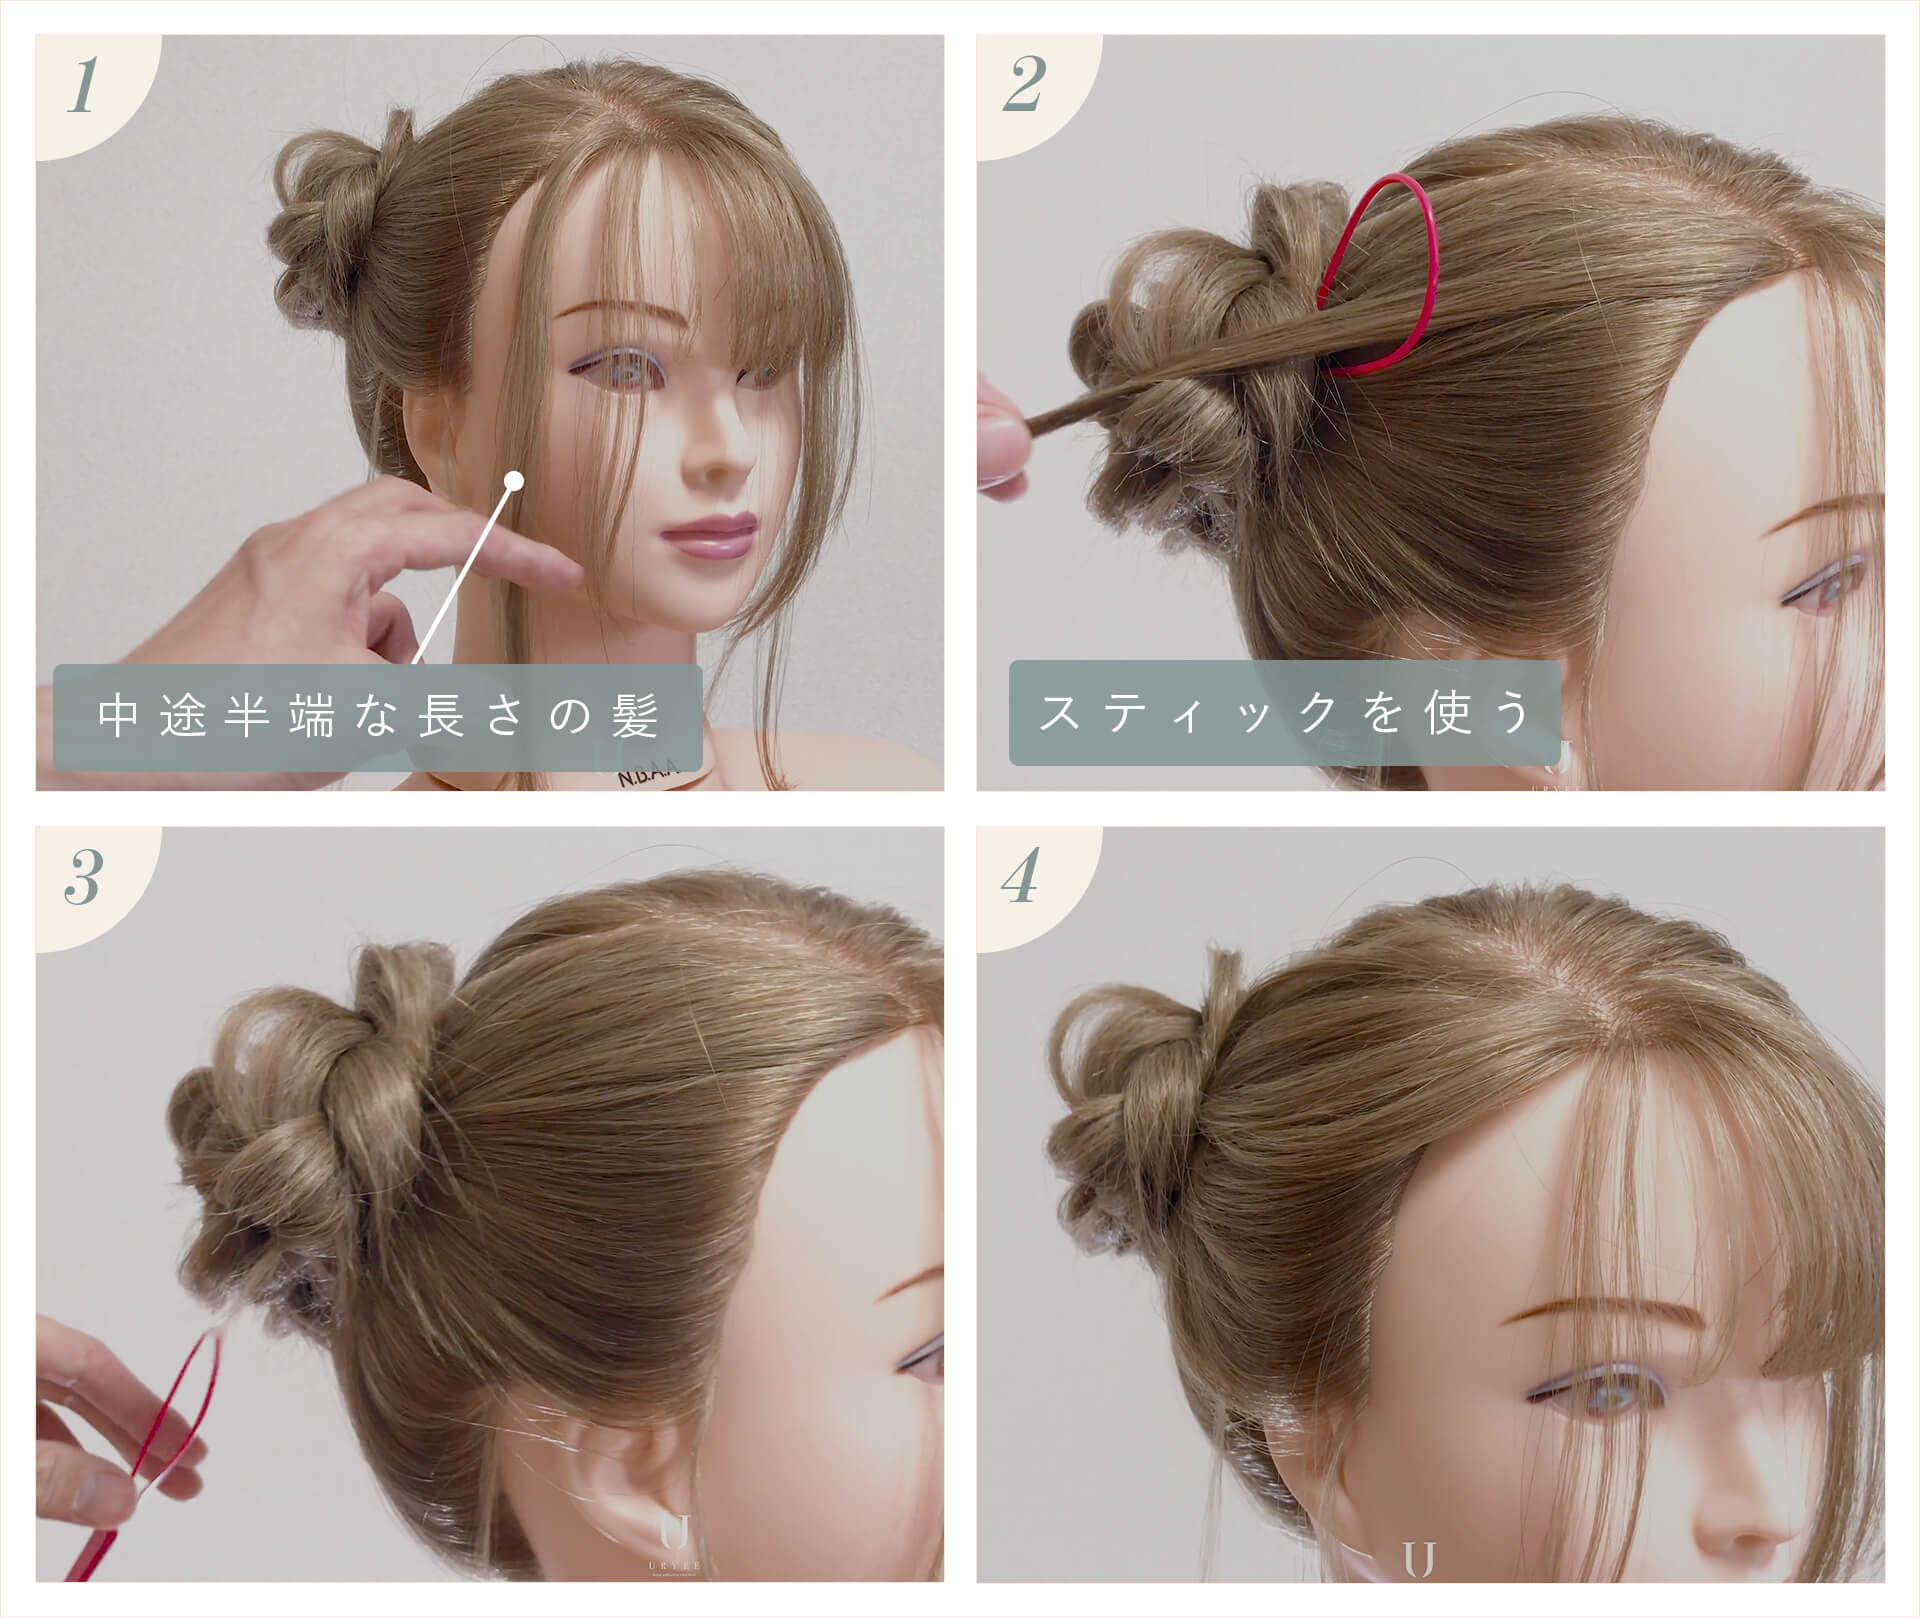 前髪・横の髪 中途半端な長さ 髪を留める簡単なやり方